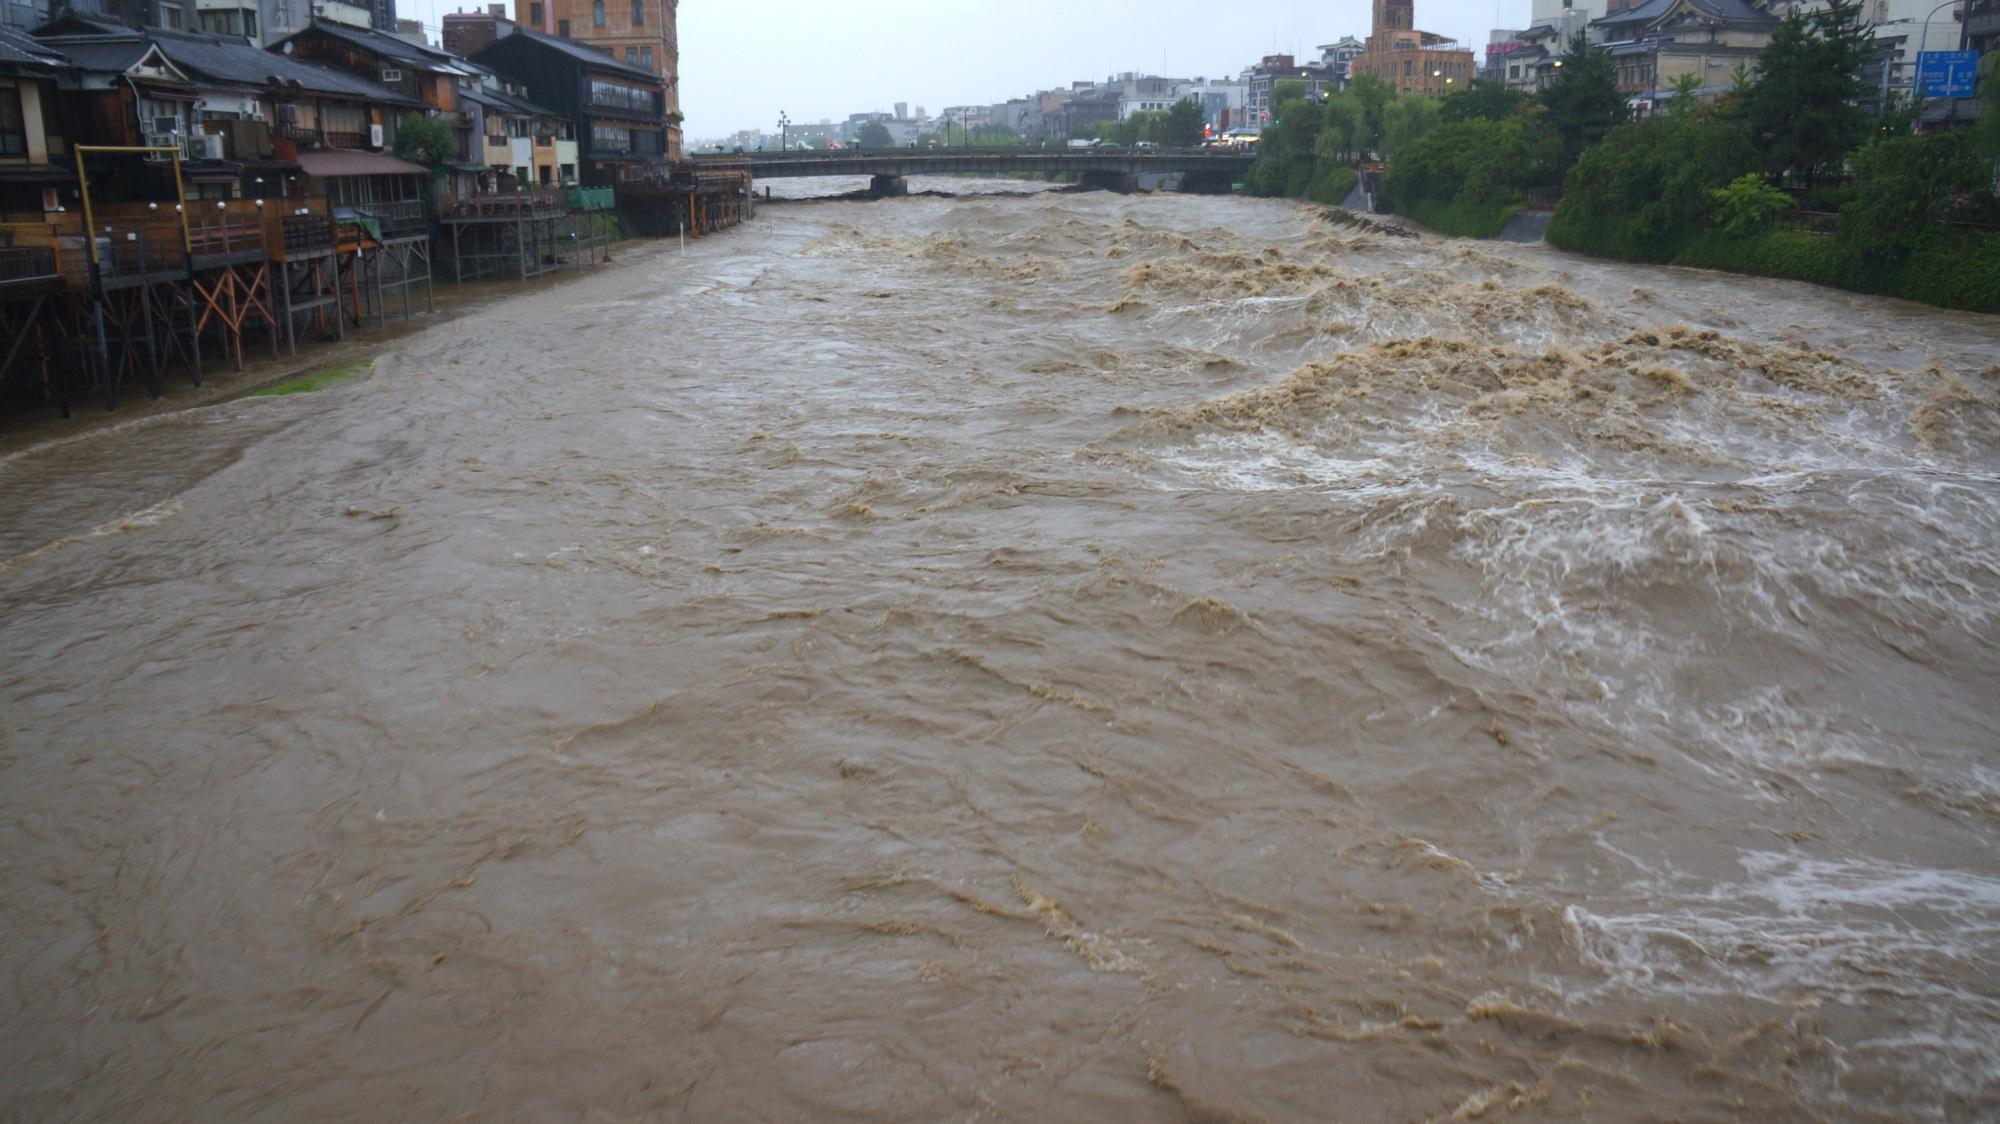 団栗橋から眺めた上流の四条大橋方面の2015年の増水した鴨川